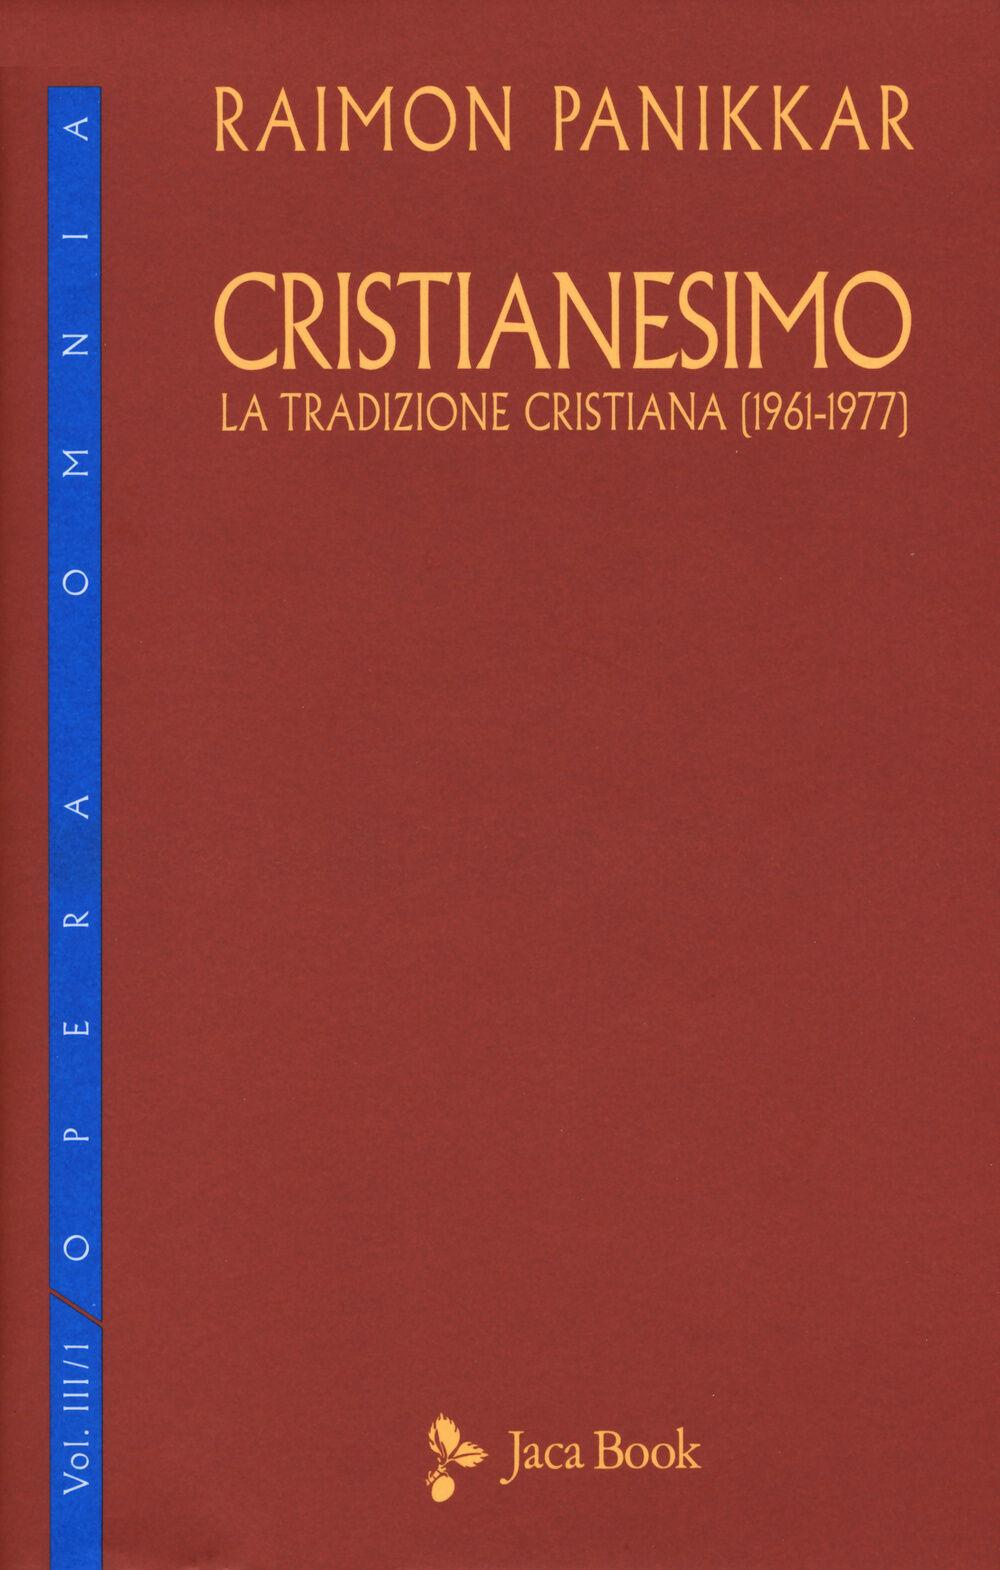 Cristianesimo. La tradizione cristiana (1961-1977). Vol. 3\1